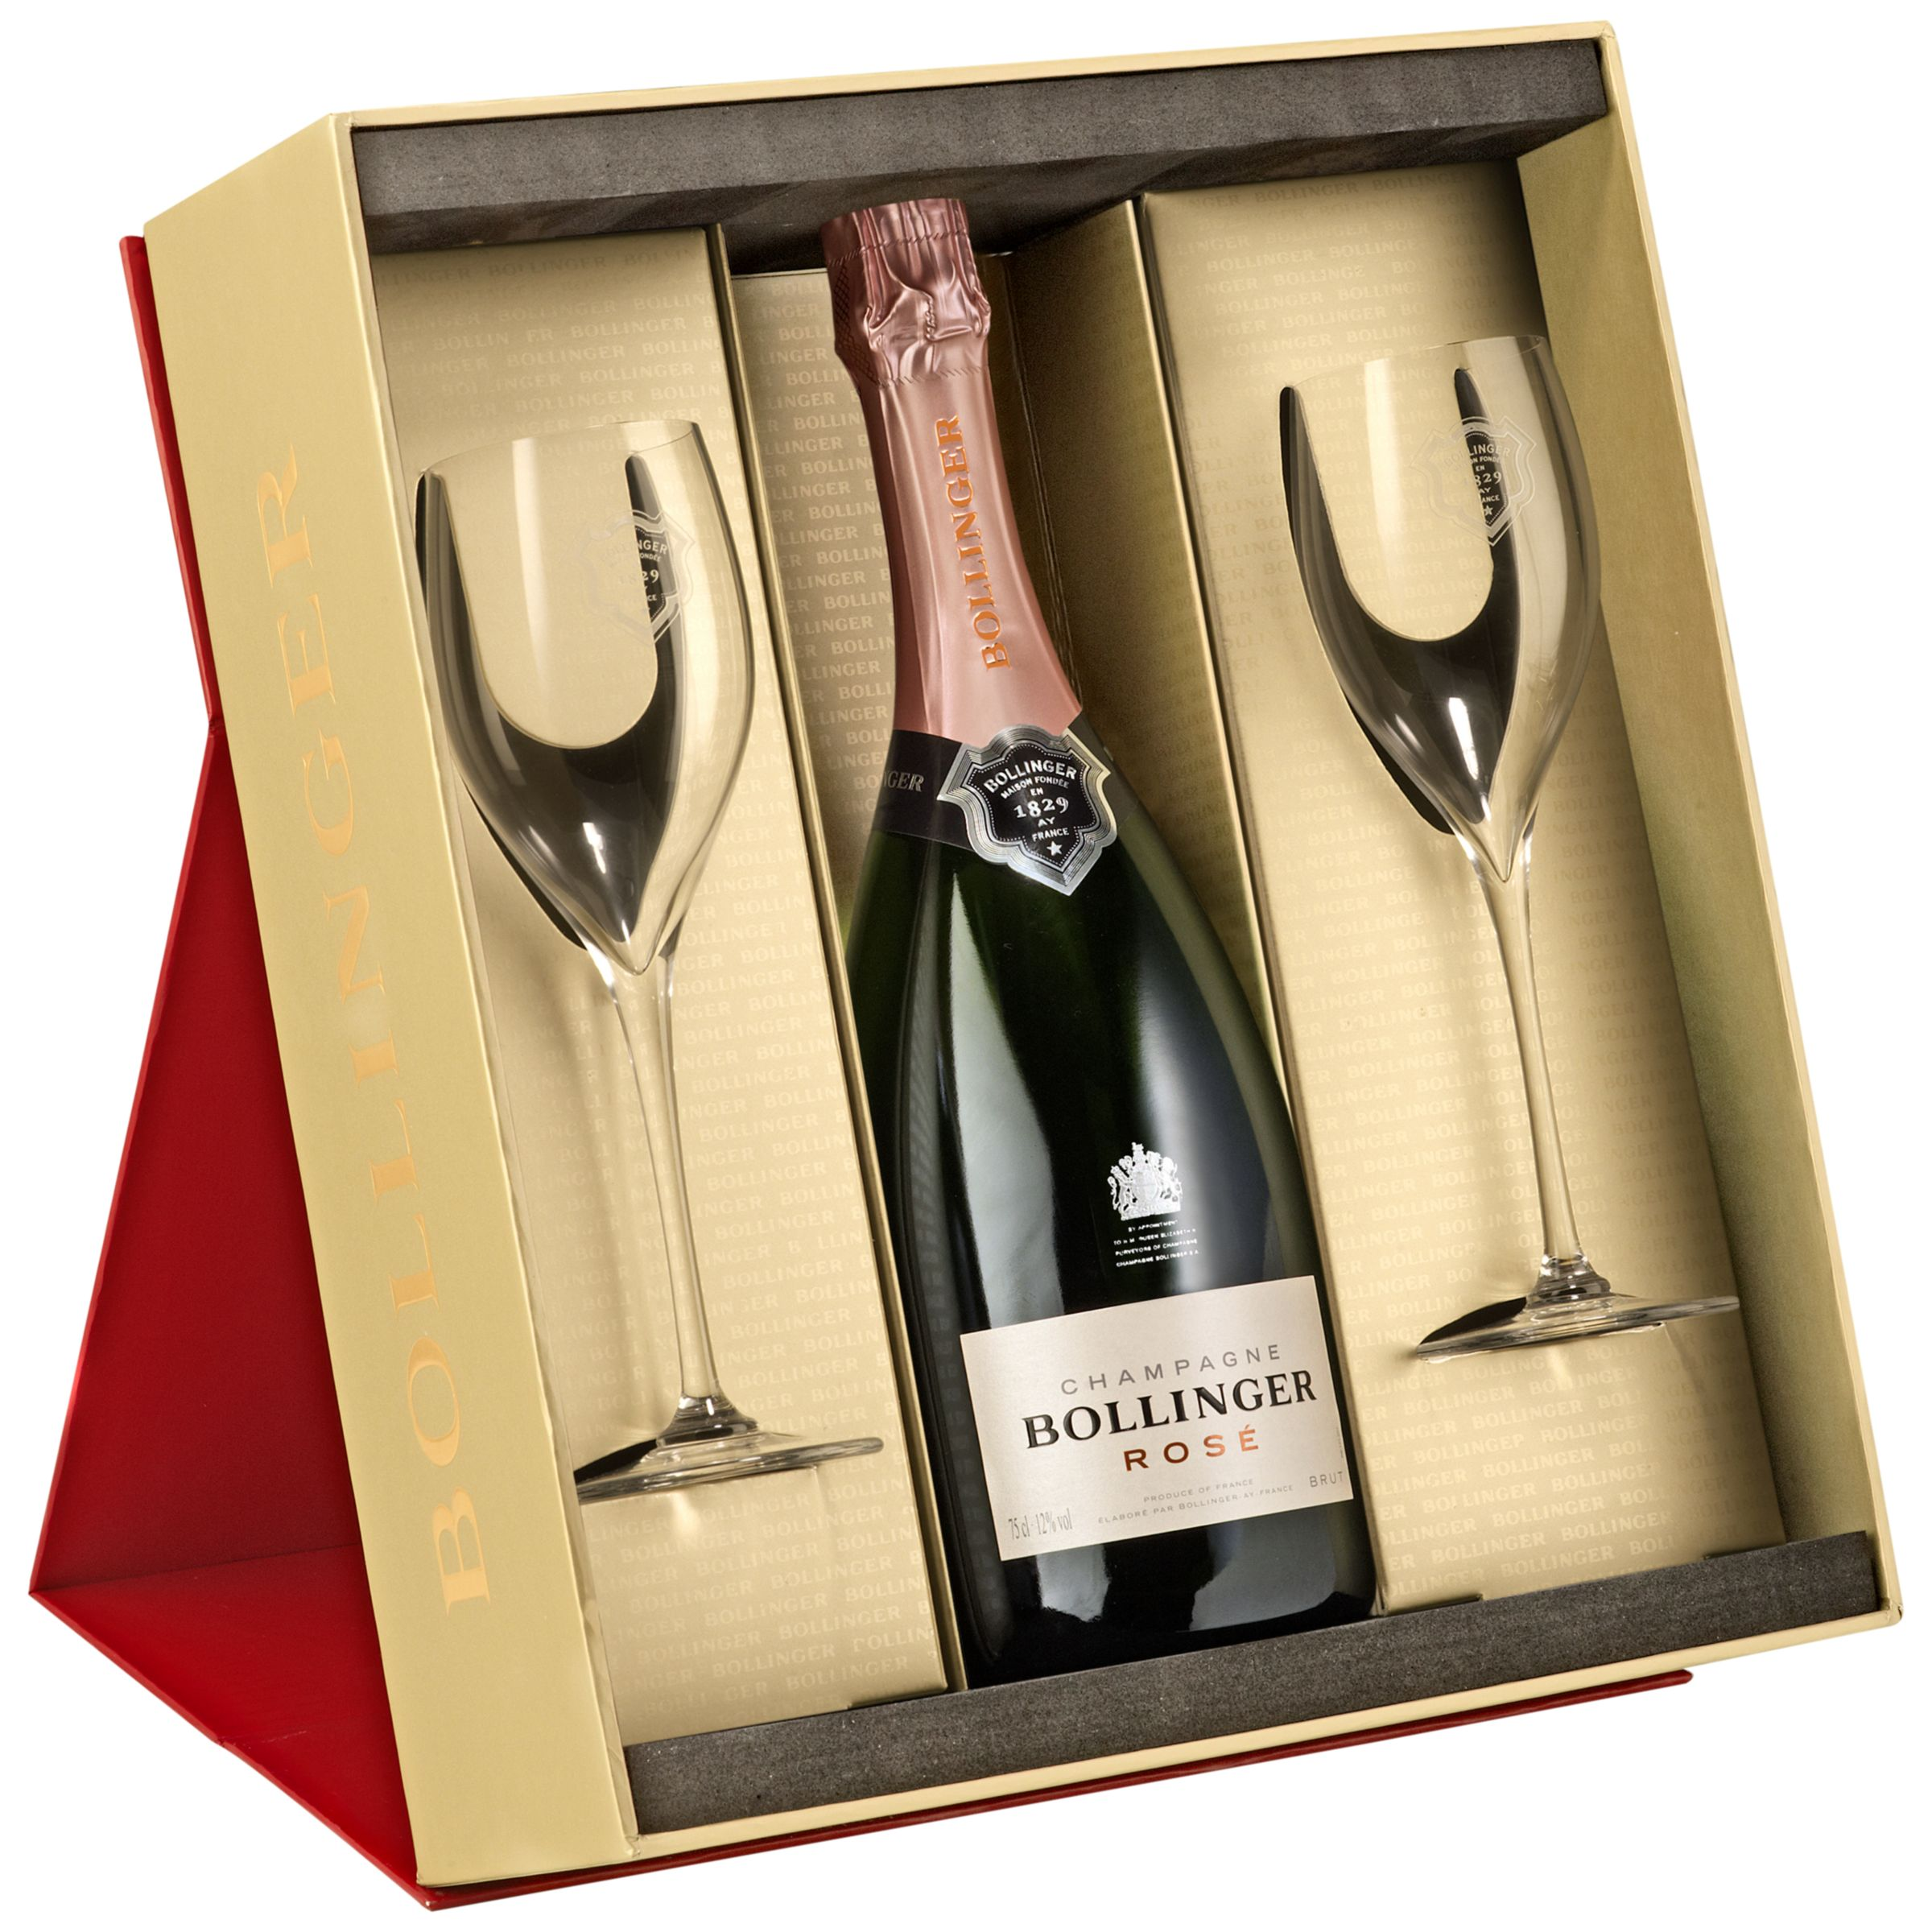 Bollinger Bollinger Rosé Champagne and 2 Flutes Set, 75cl